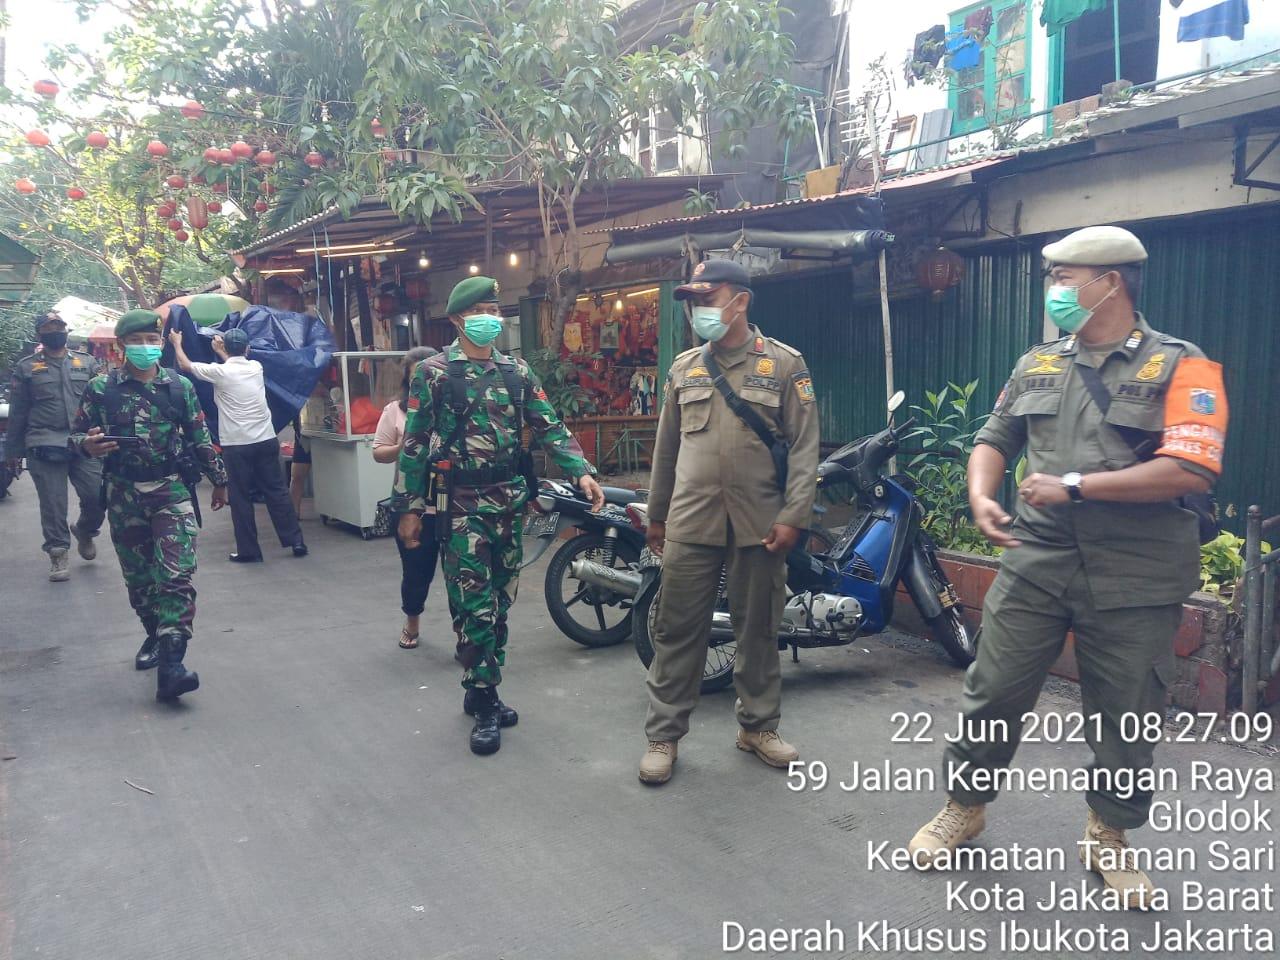 Satpol PP Tamansari Gencarkan Operasi Tertib Masker di Kawasan Glodok Jakarta Barat